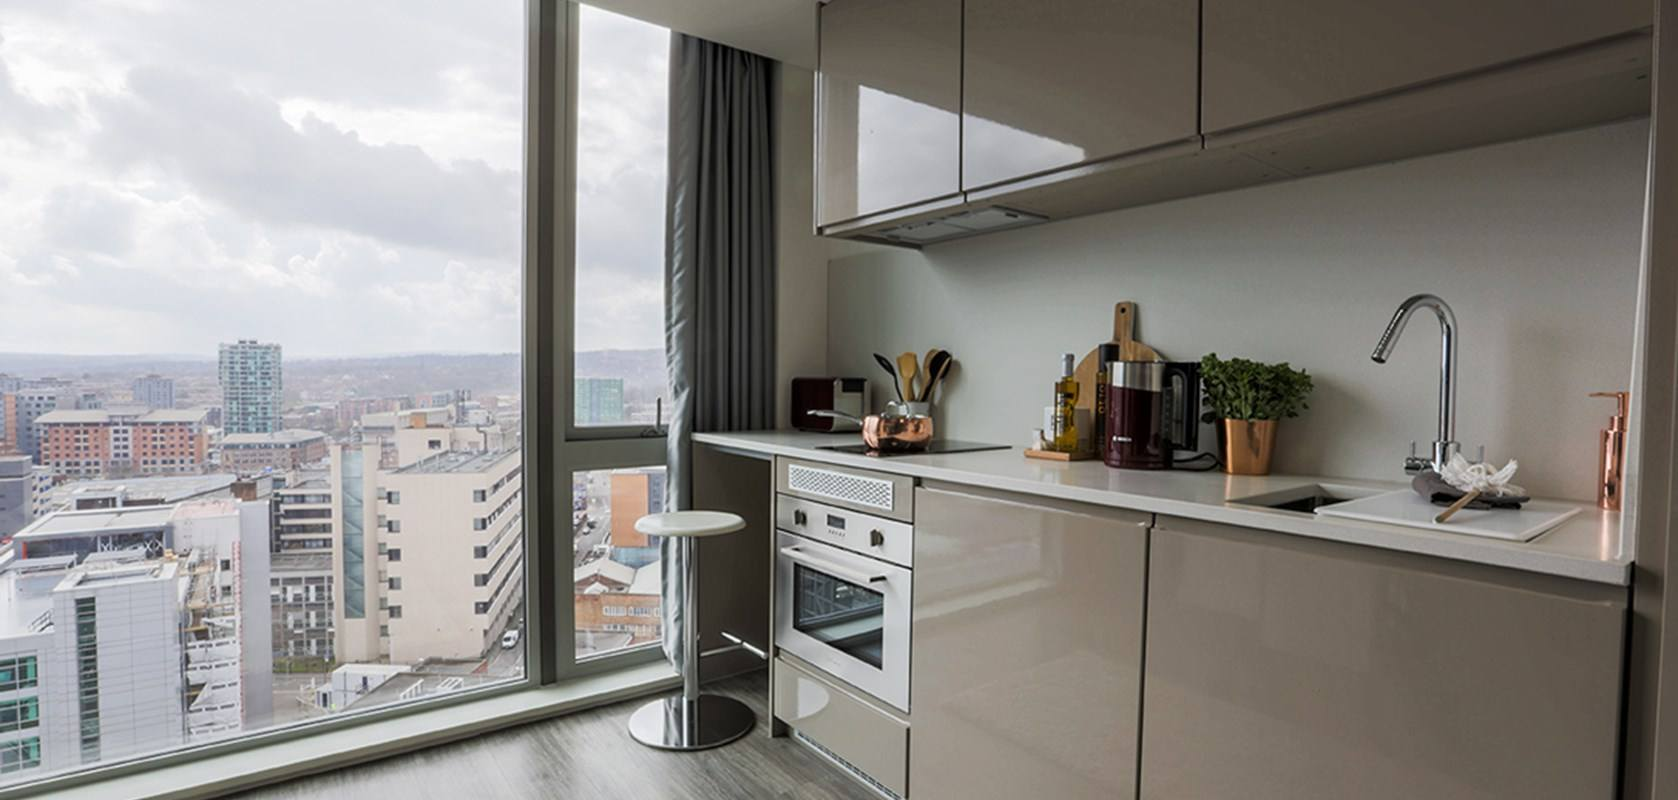 Vita-Student-Sheffield-Kitchen-2-Unilodgers-14957976801